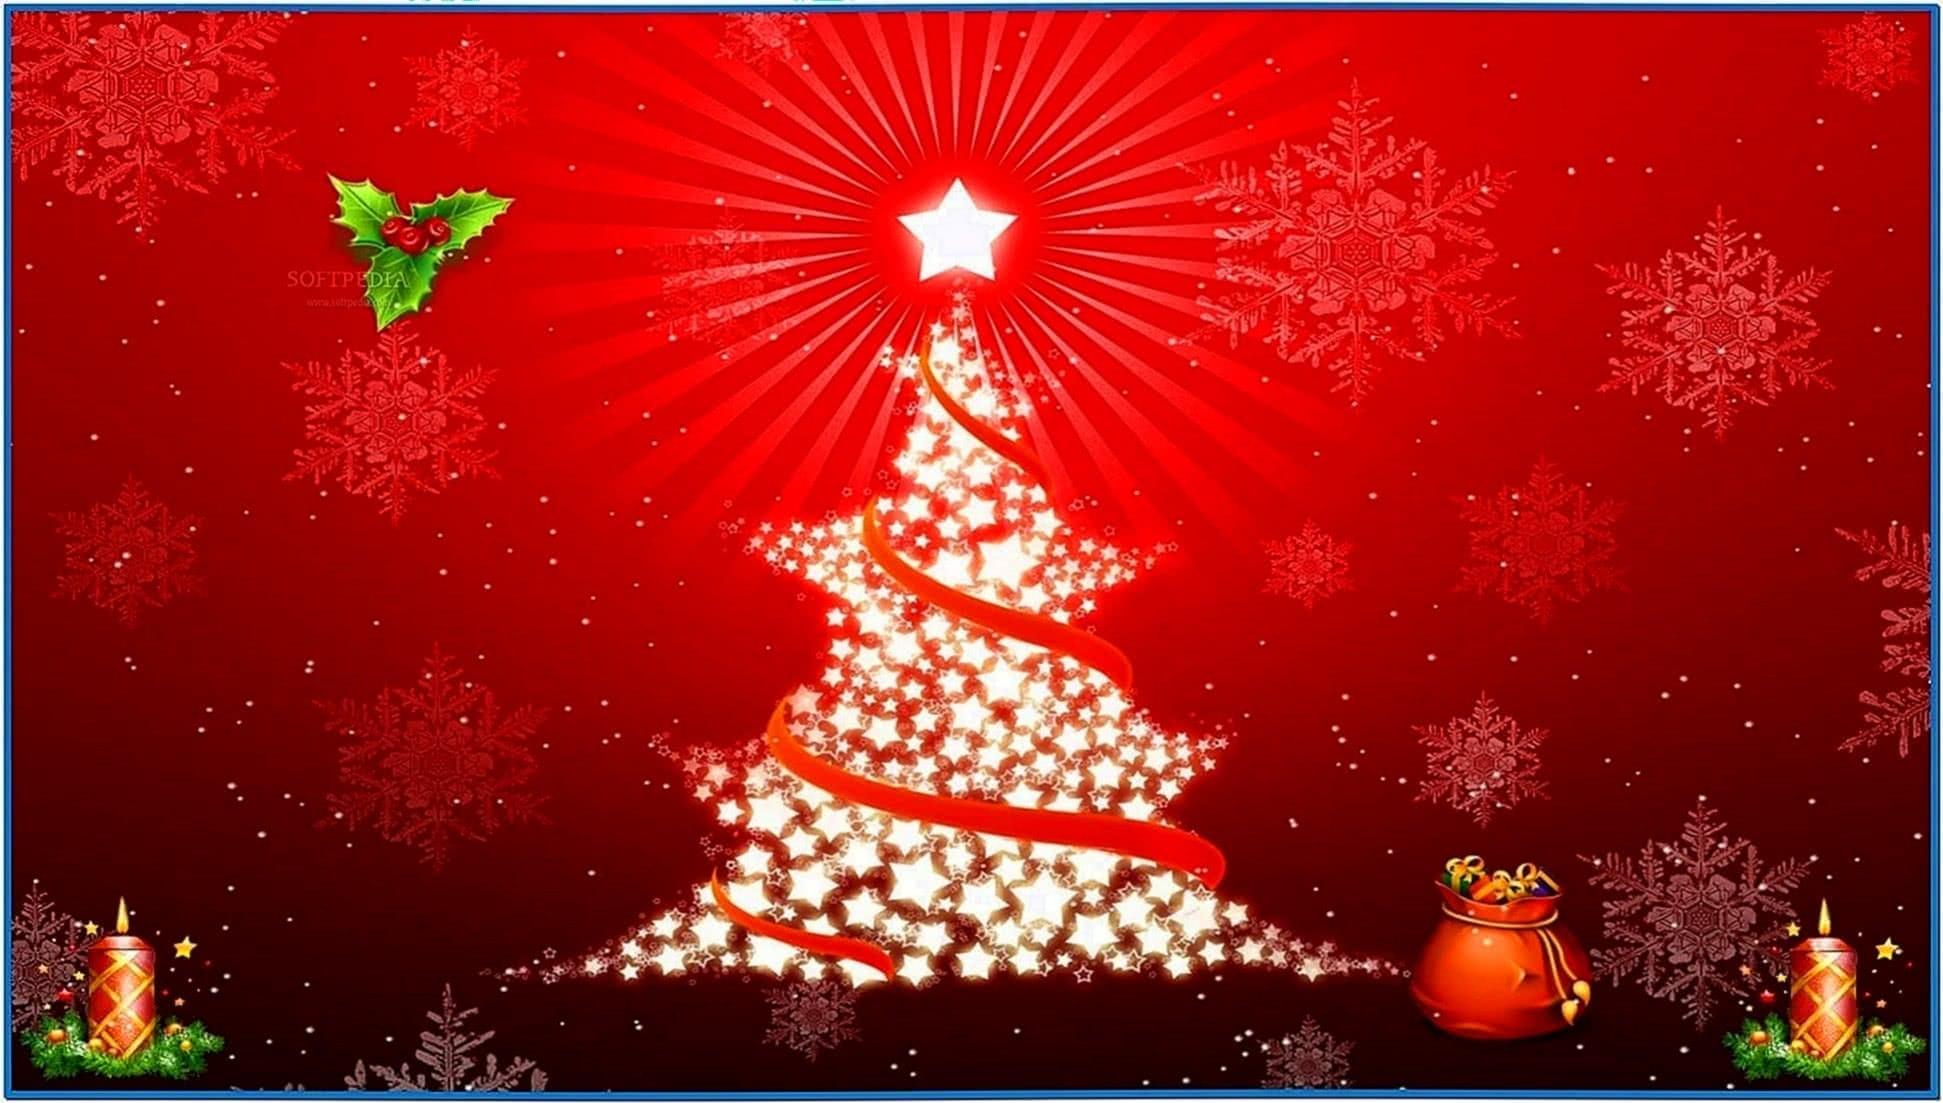 Christmas screensaver full version download free for Natale immagini per desktop